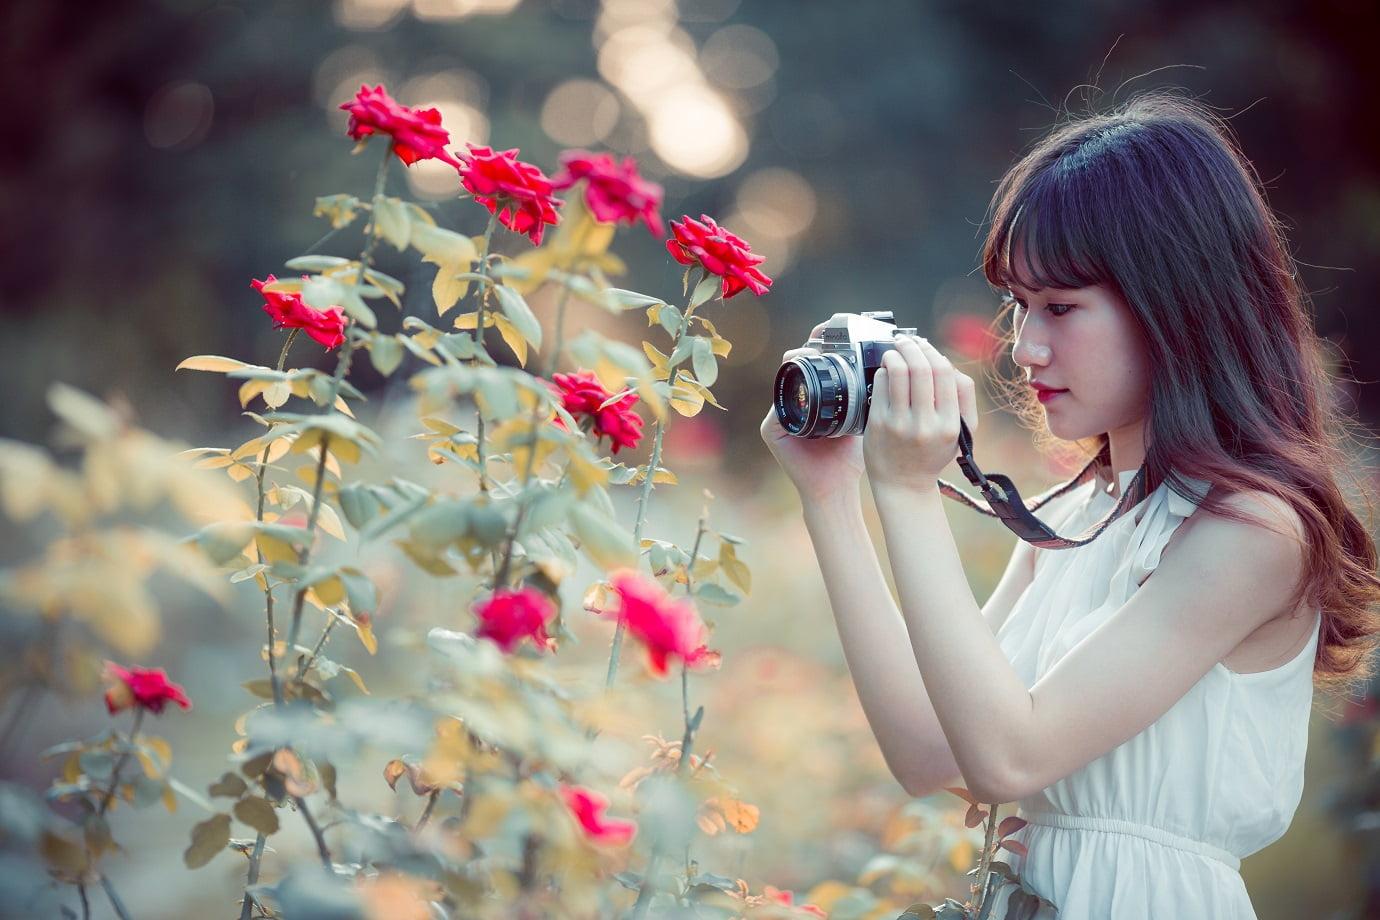 anh chup hoa hong 4 - [Br-Art] Cô bé bên vườn hoa hồng nhỏ